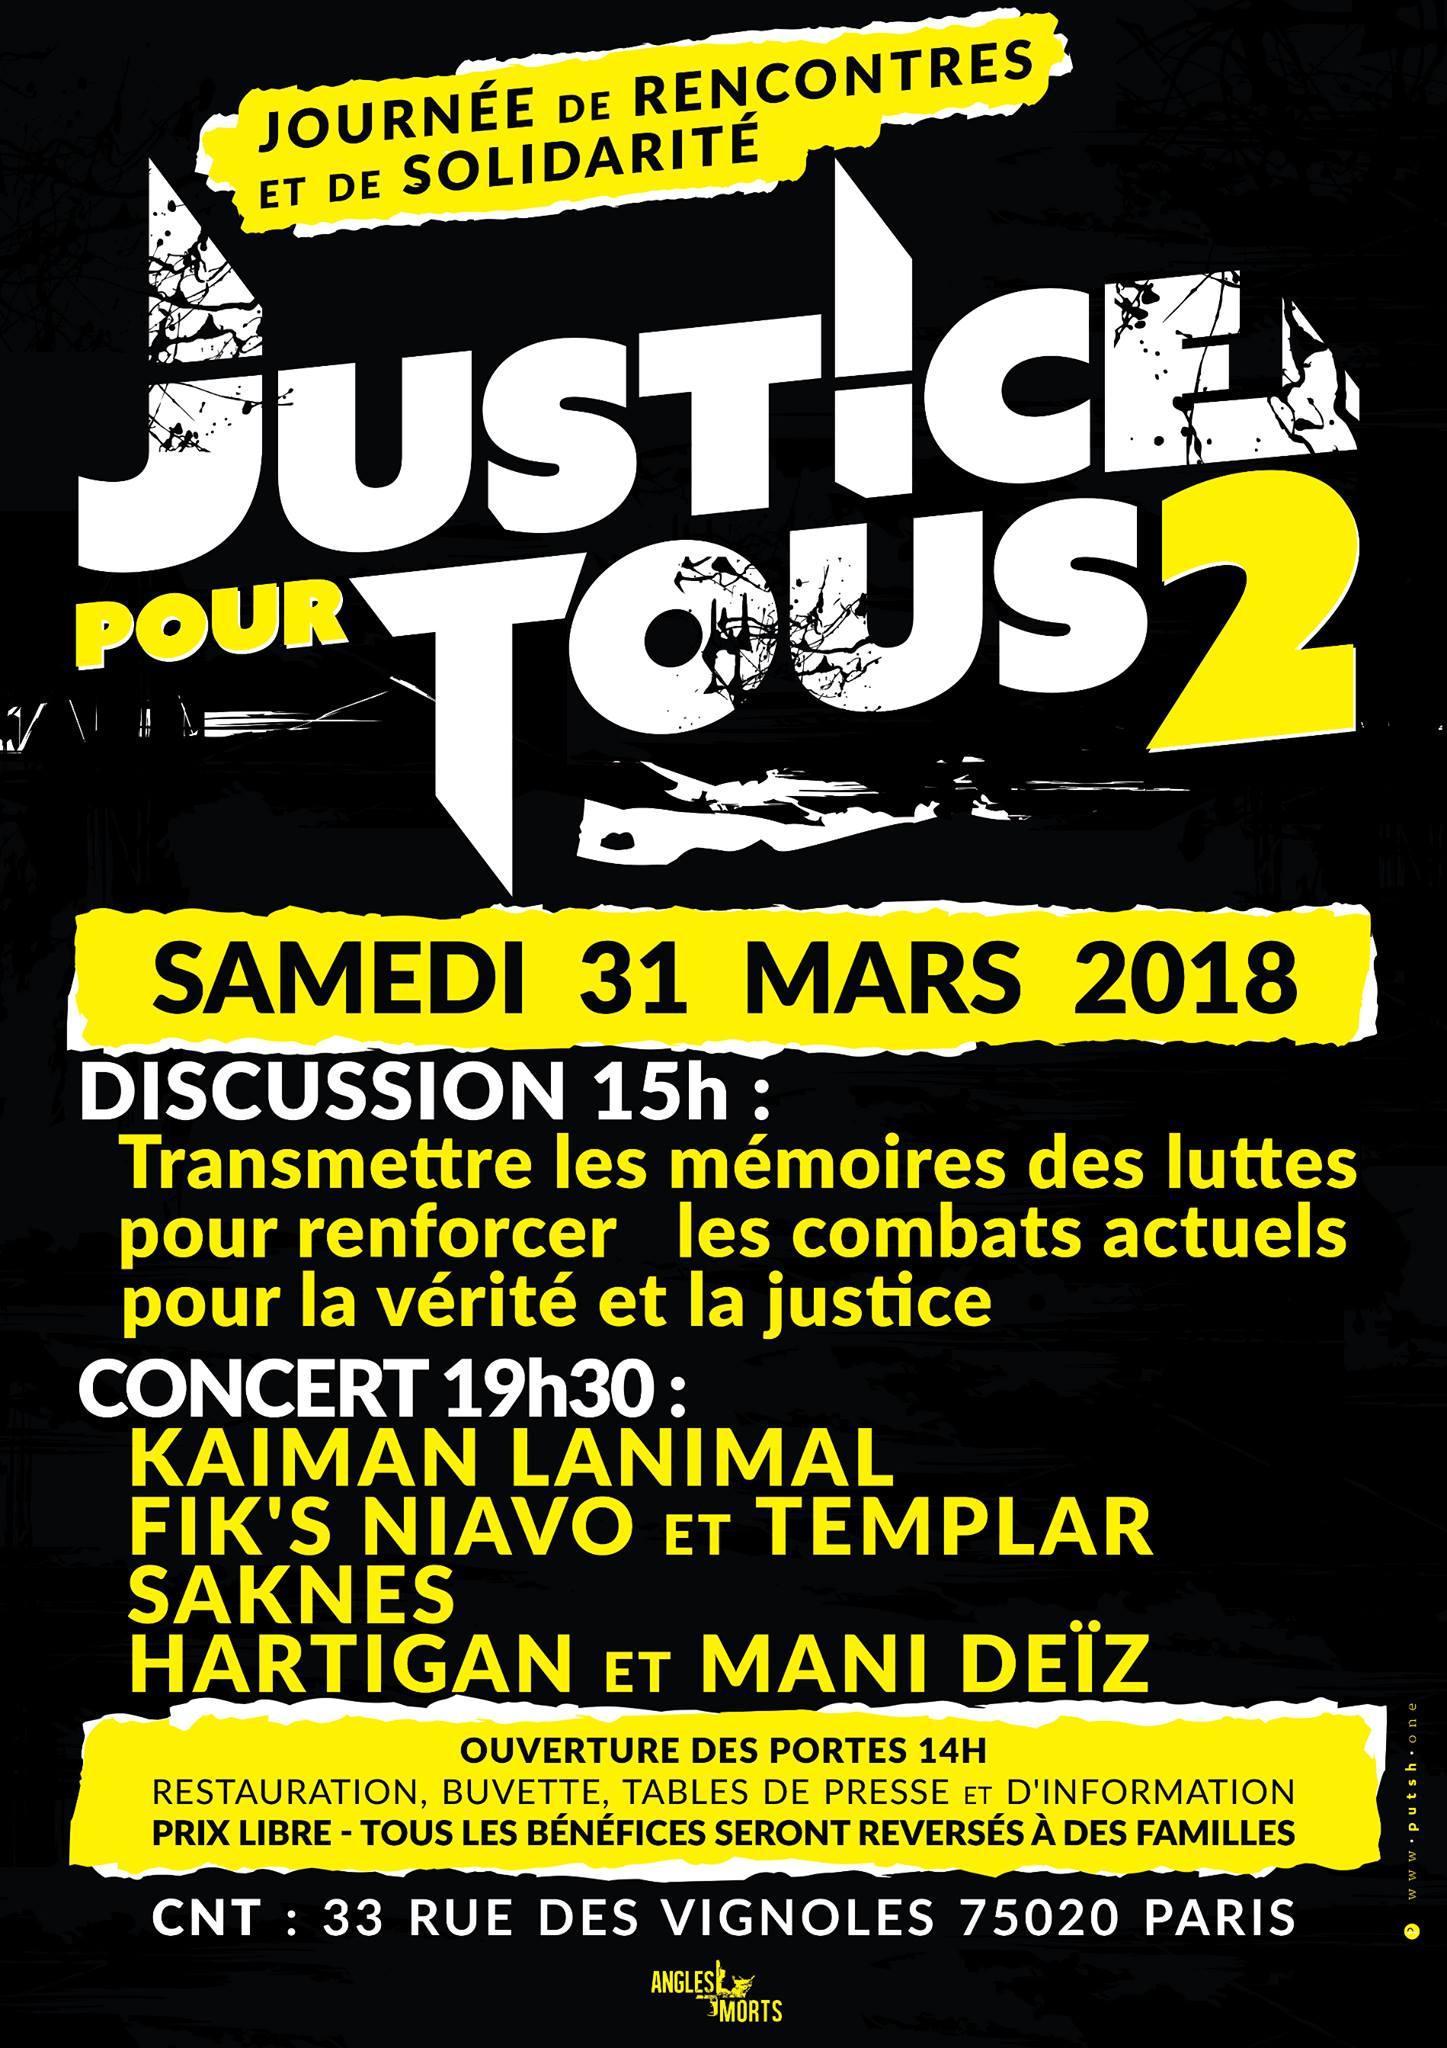 """""""Justice pour tous 2 : Journée de rencontres et de solidarité"""" le 31 mars 2018 à Paris"""